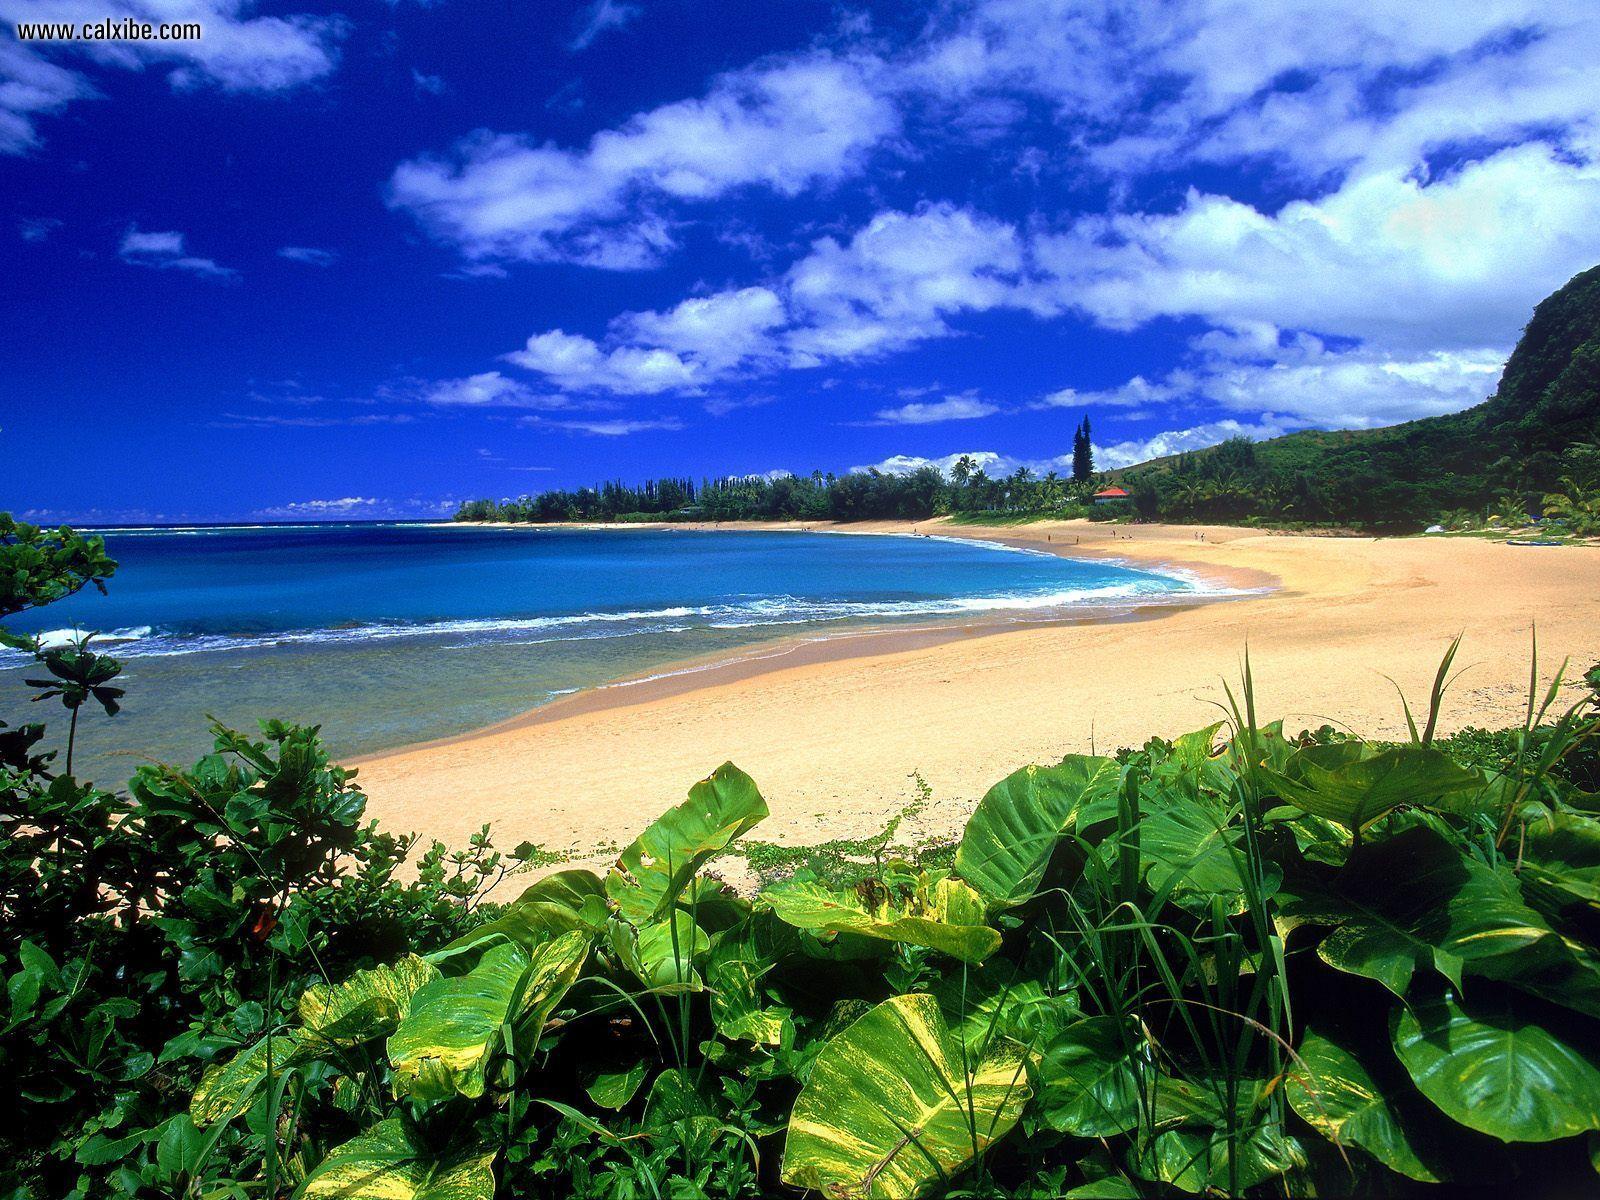 Nature Haena Beach Kauai Hawaii picture nr 17315 1600x1200